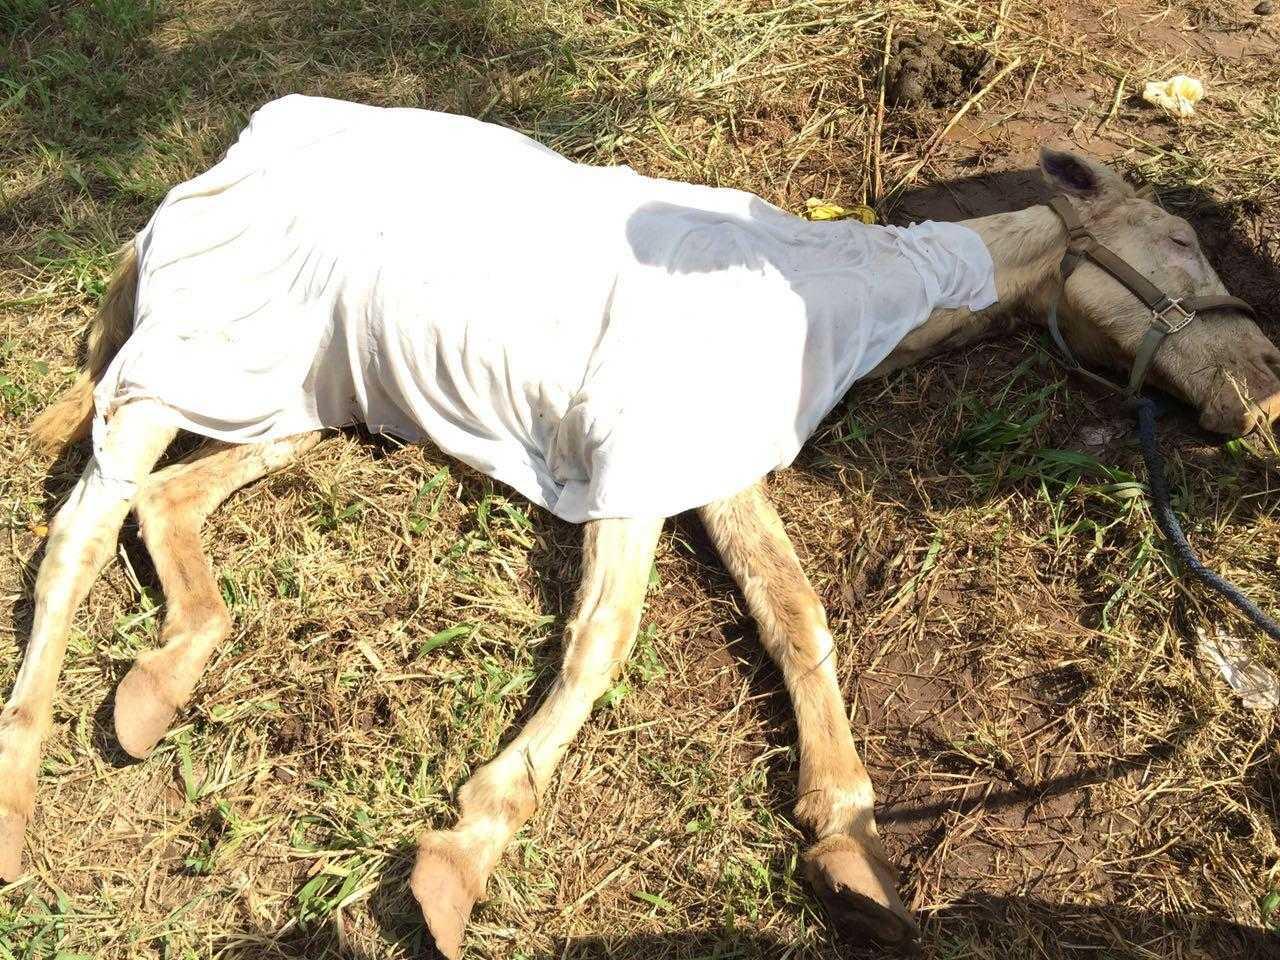 Estudantes de Veterinária resgatam cavalo em situação de maus tratos em Goiânia